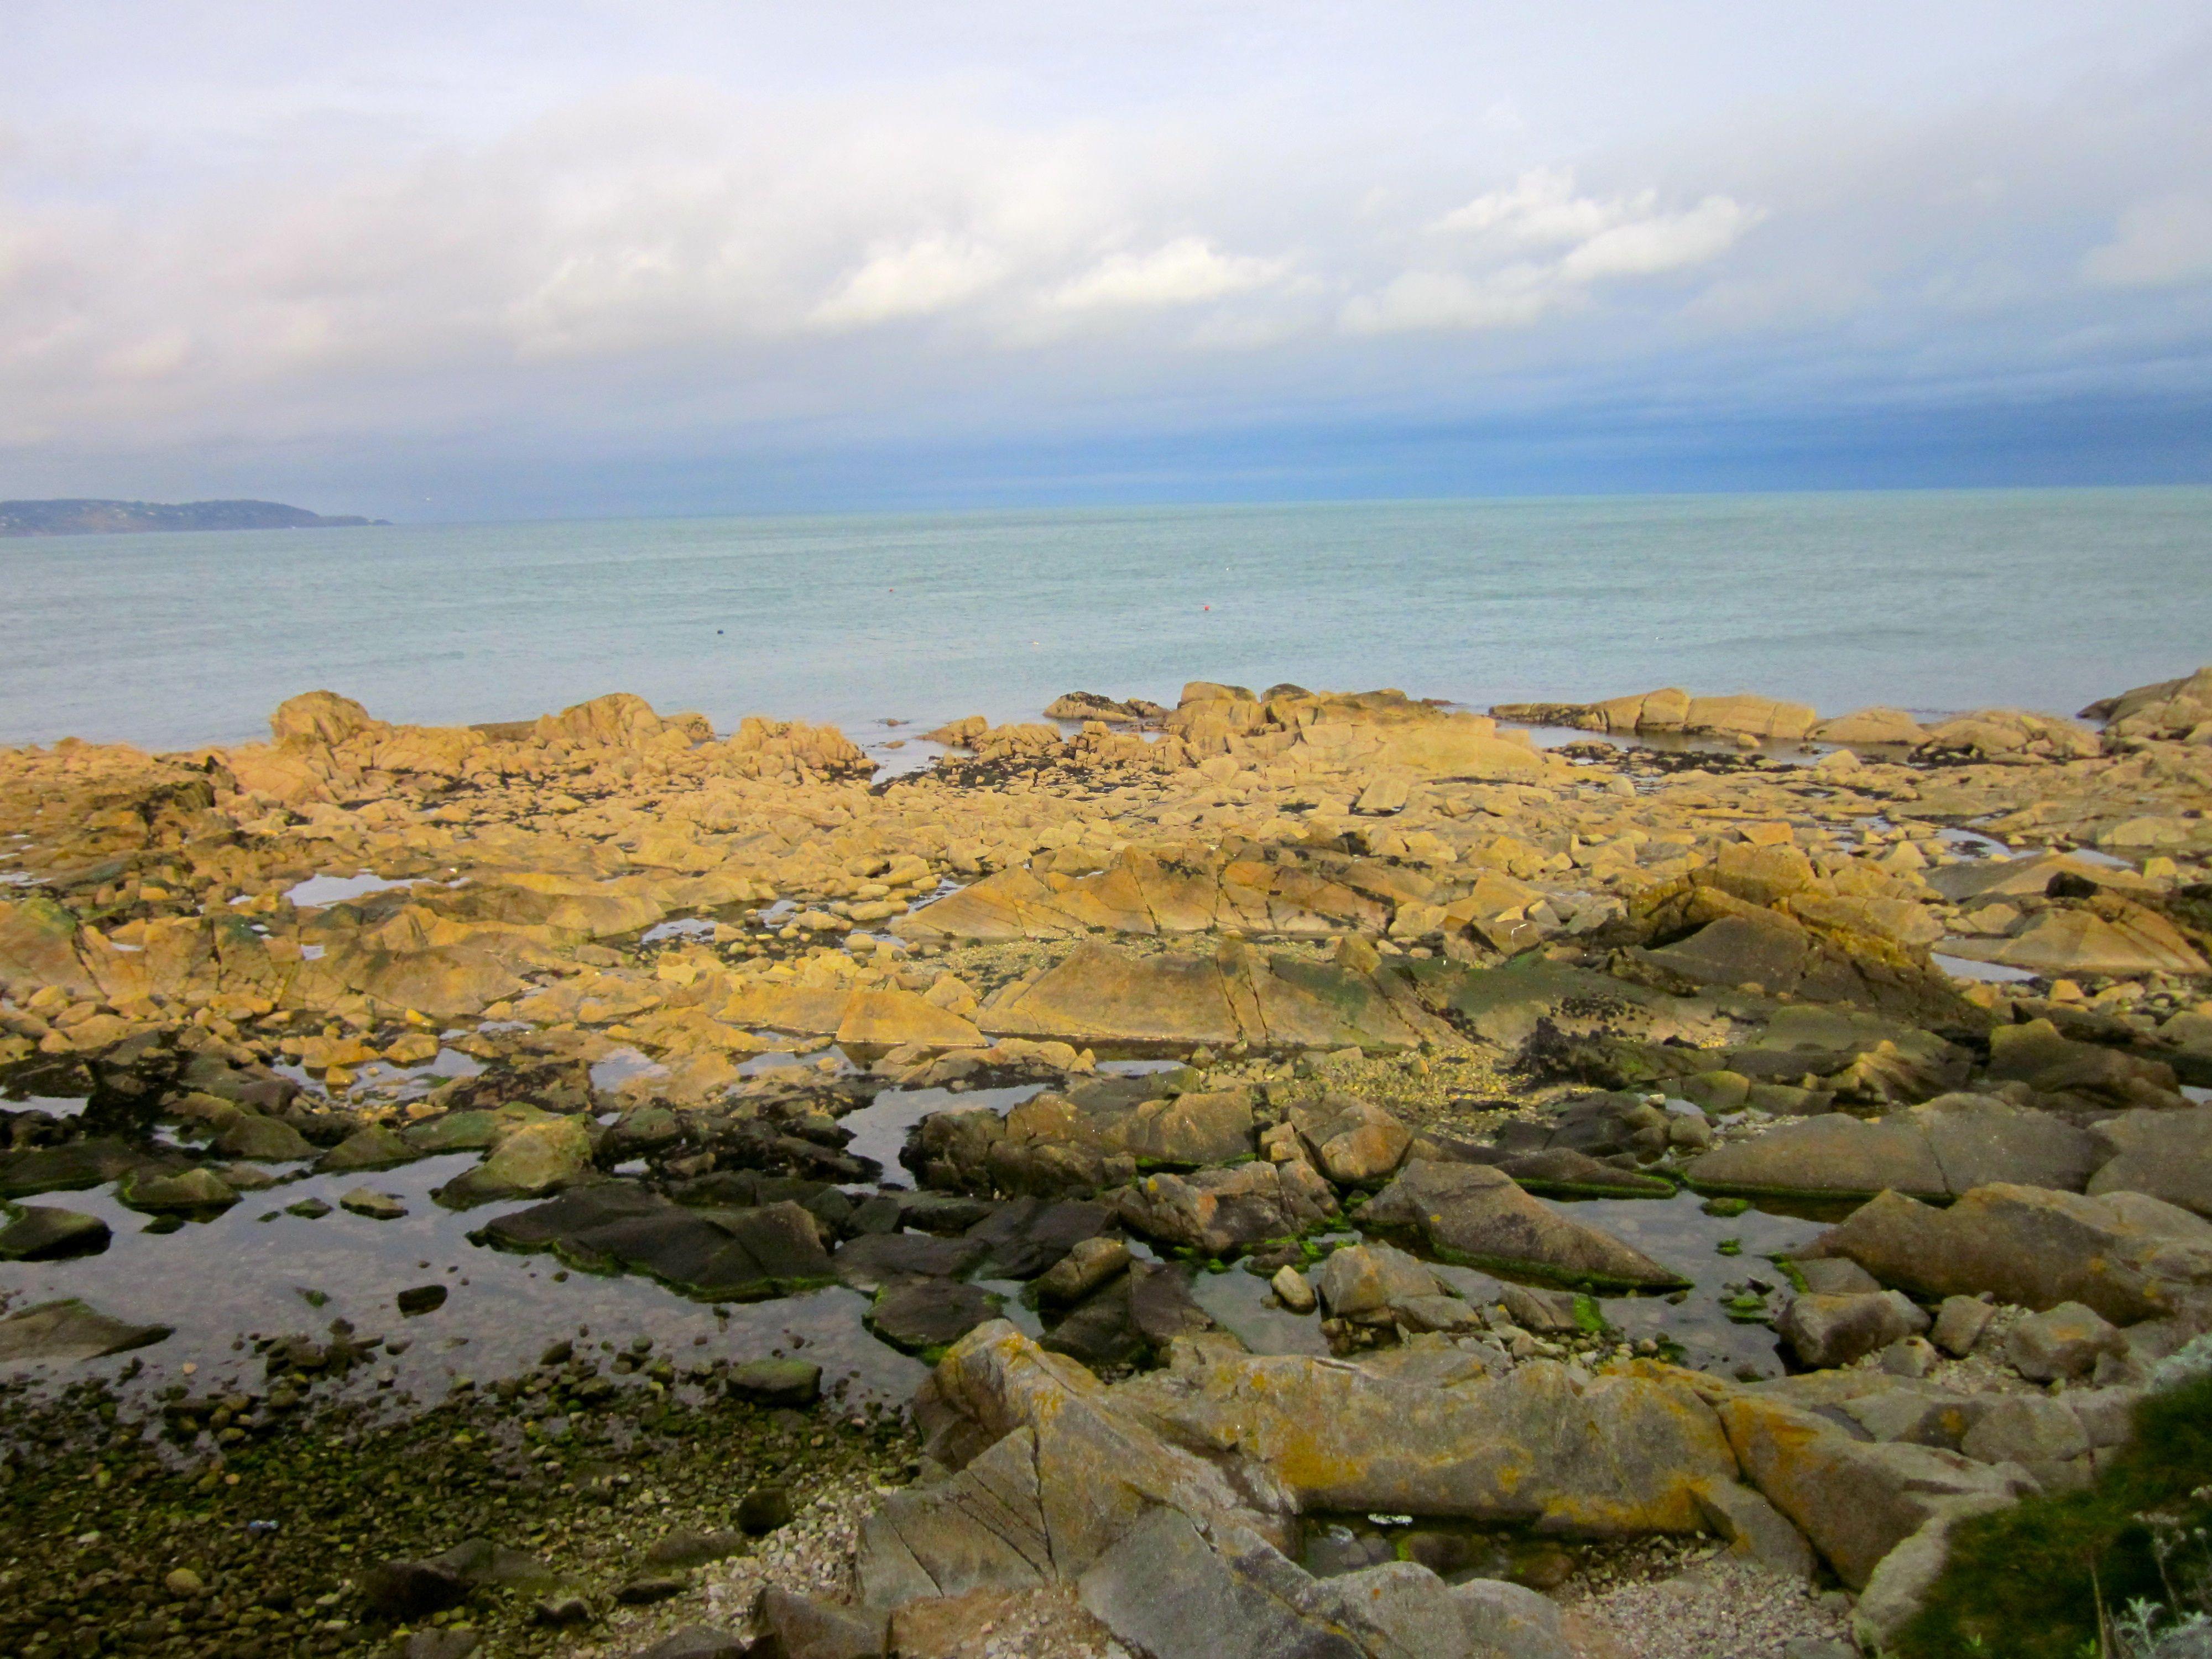 Sandycove Beach in Dún Laoighre, Co.Dublin , Ireland (With